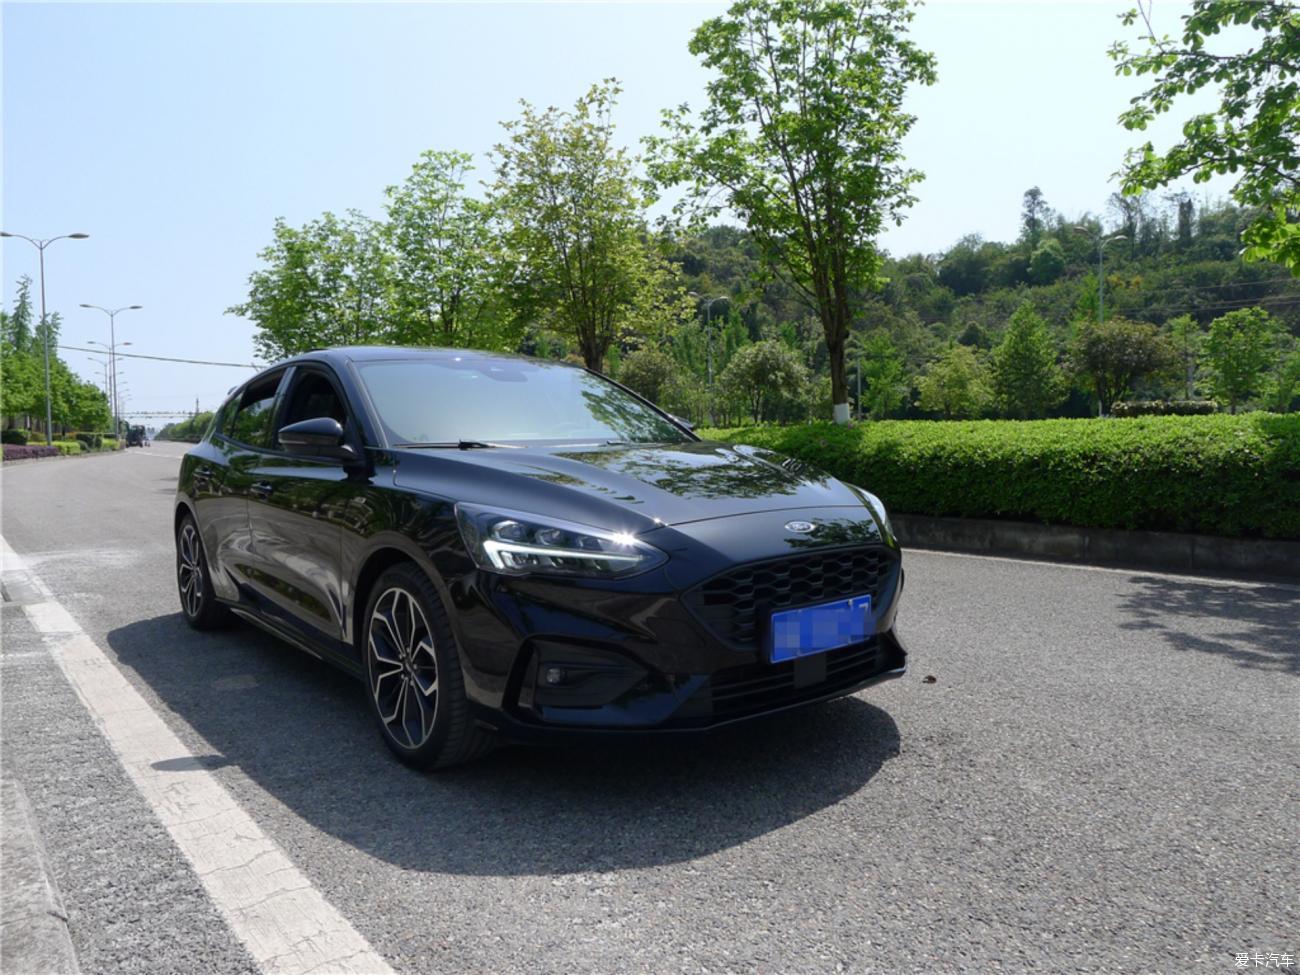 帅气的黑色福克斯,两月用车感受分享